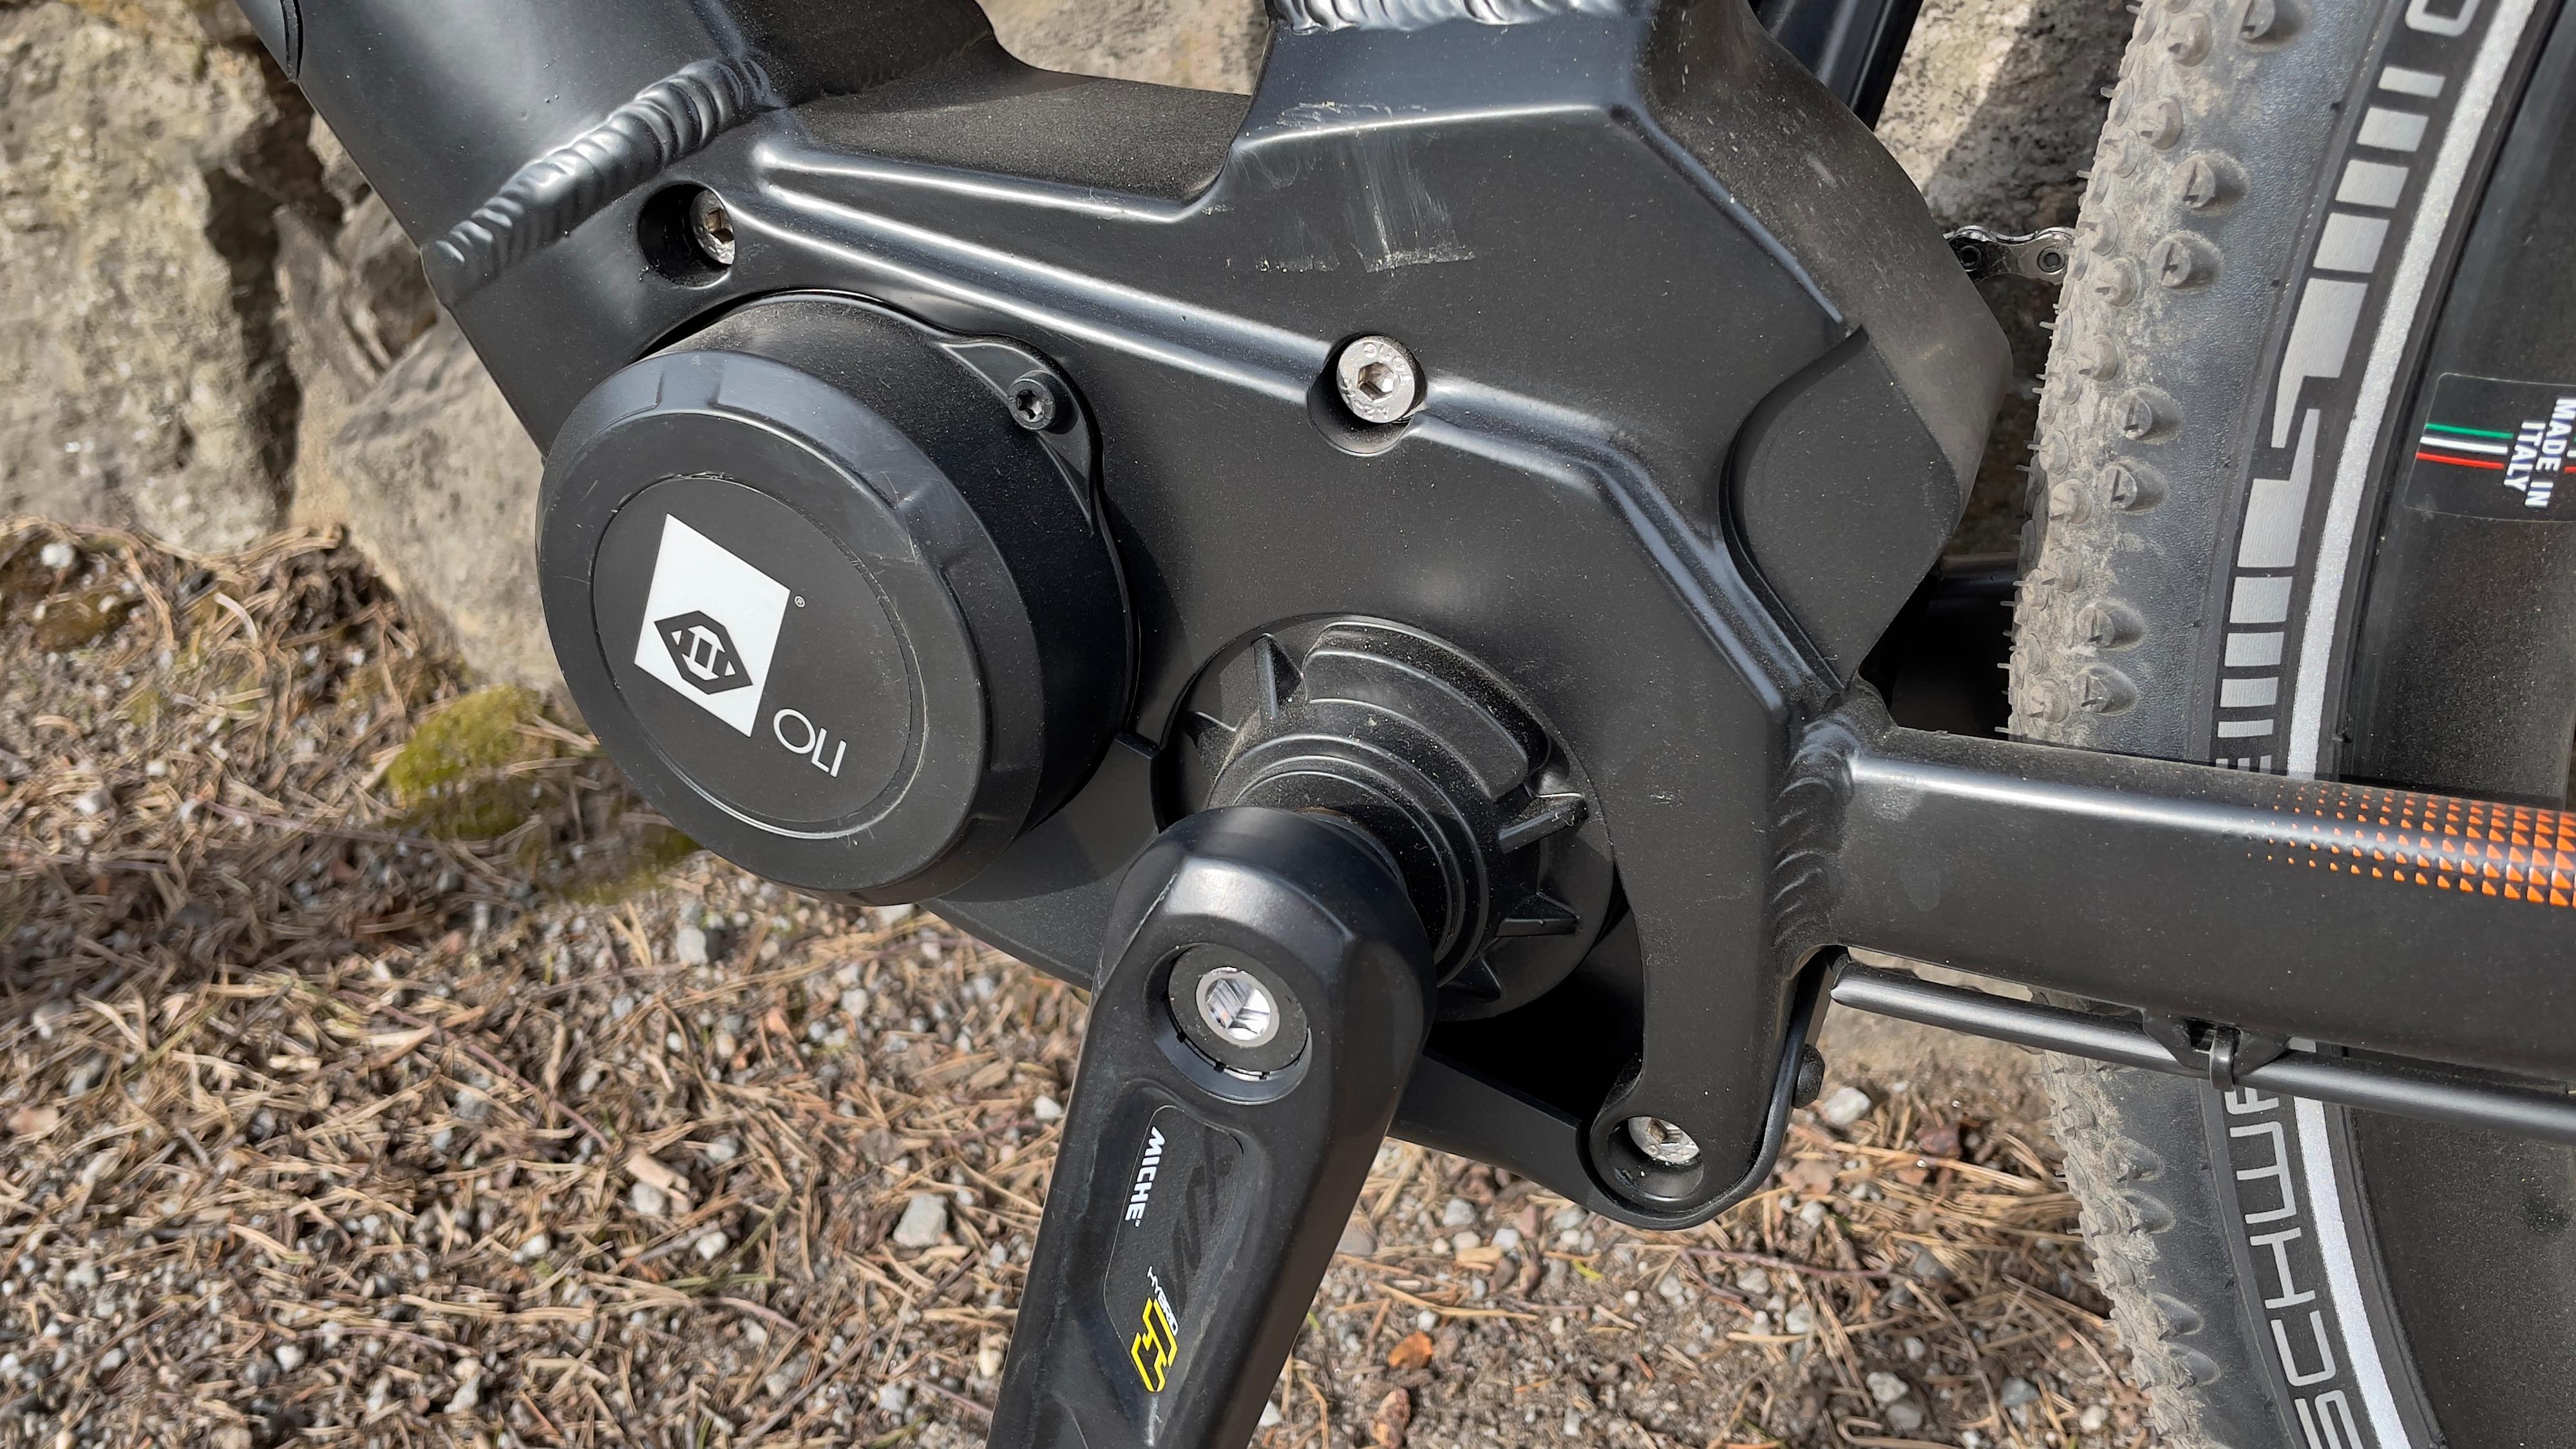 Oli-motoren yter opp mot 85 Nm, som tar deg opp det aller beste av bakker.